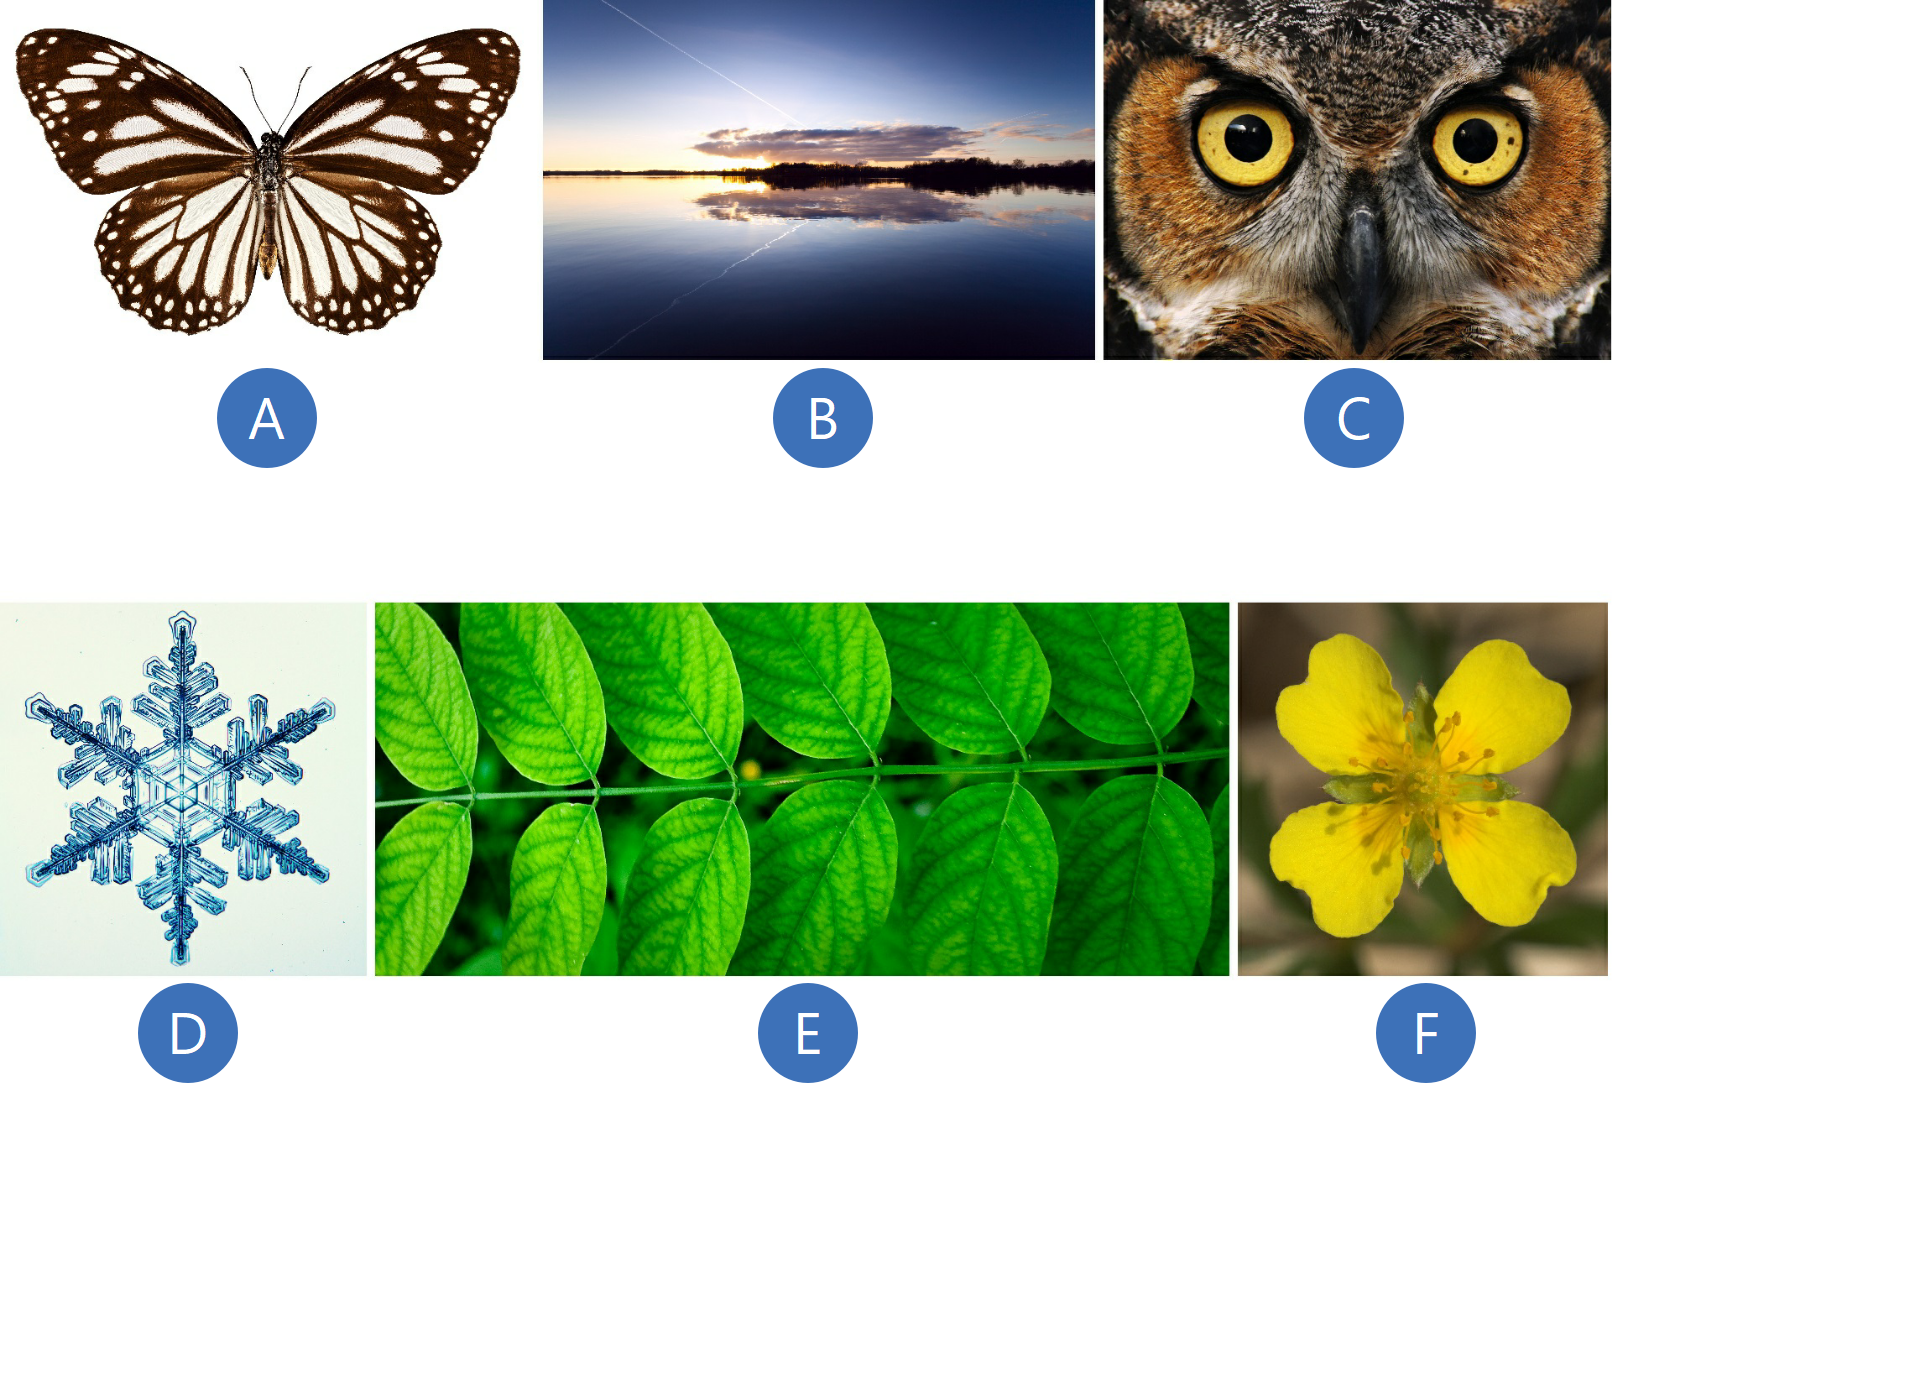 Pierwsza ilustracja przedstawia motyla obrązowo-białych skrzydłach. Druga ilustracja przedstawia zachód słońca nad jeziorem. Chmura ilas odbijają się wtafli wody. Trzecia ilustracja przedstawia głowę sowy. Widać duże, żółte oczy zczarną kropką wśrodku ibrązowe upierzenie wokół oczu. Czwarta ilustracja przedstawia płatek śniegu wbardzo dużym przybliżeniu. Widać rozkład lodowych słupków składających się na ramiona śniegowego płatka. Piąta ilustracja przedstawia zieloną gałązkę zliśćmi akacji. Szósta ilustracja przedstawia żółtego kwiatka oczterech płatkach, awśrodku widać pręciki kwiatowe.